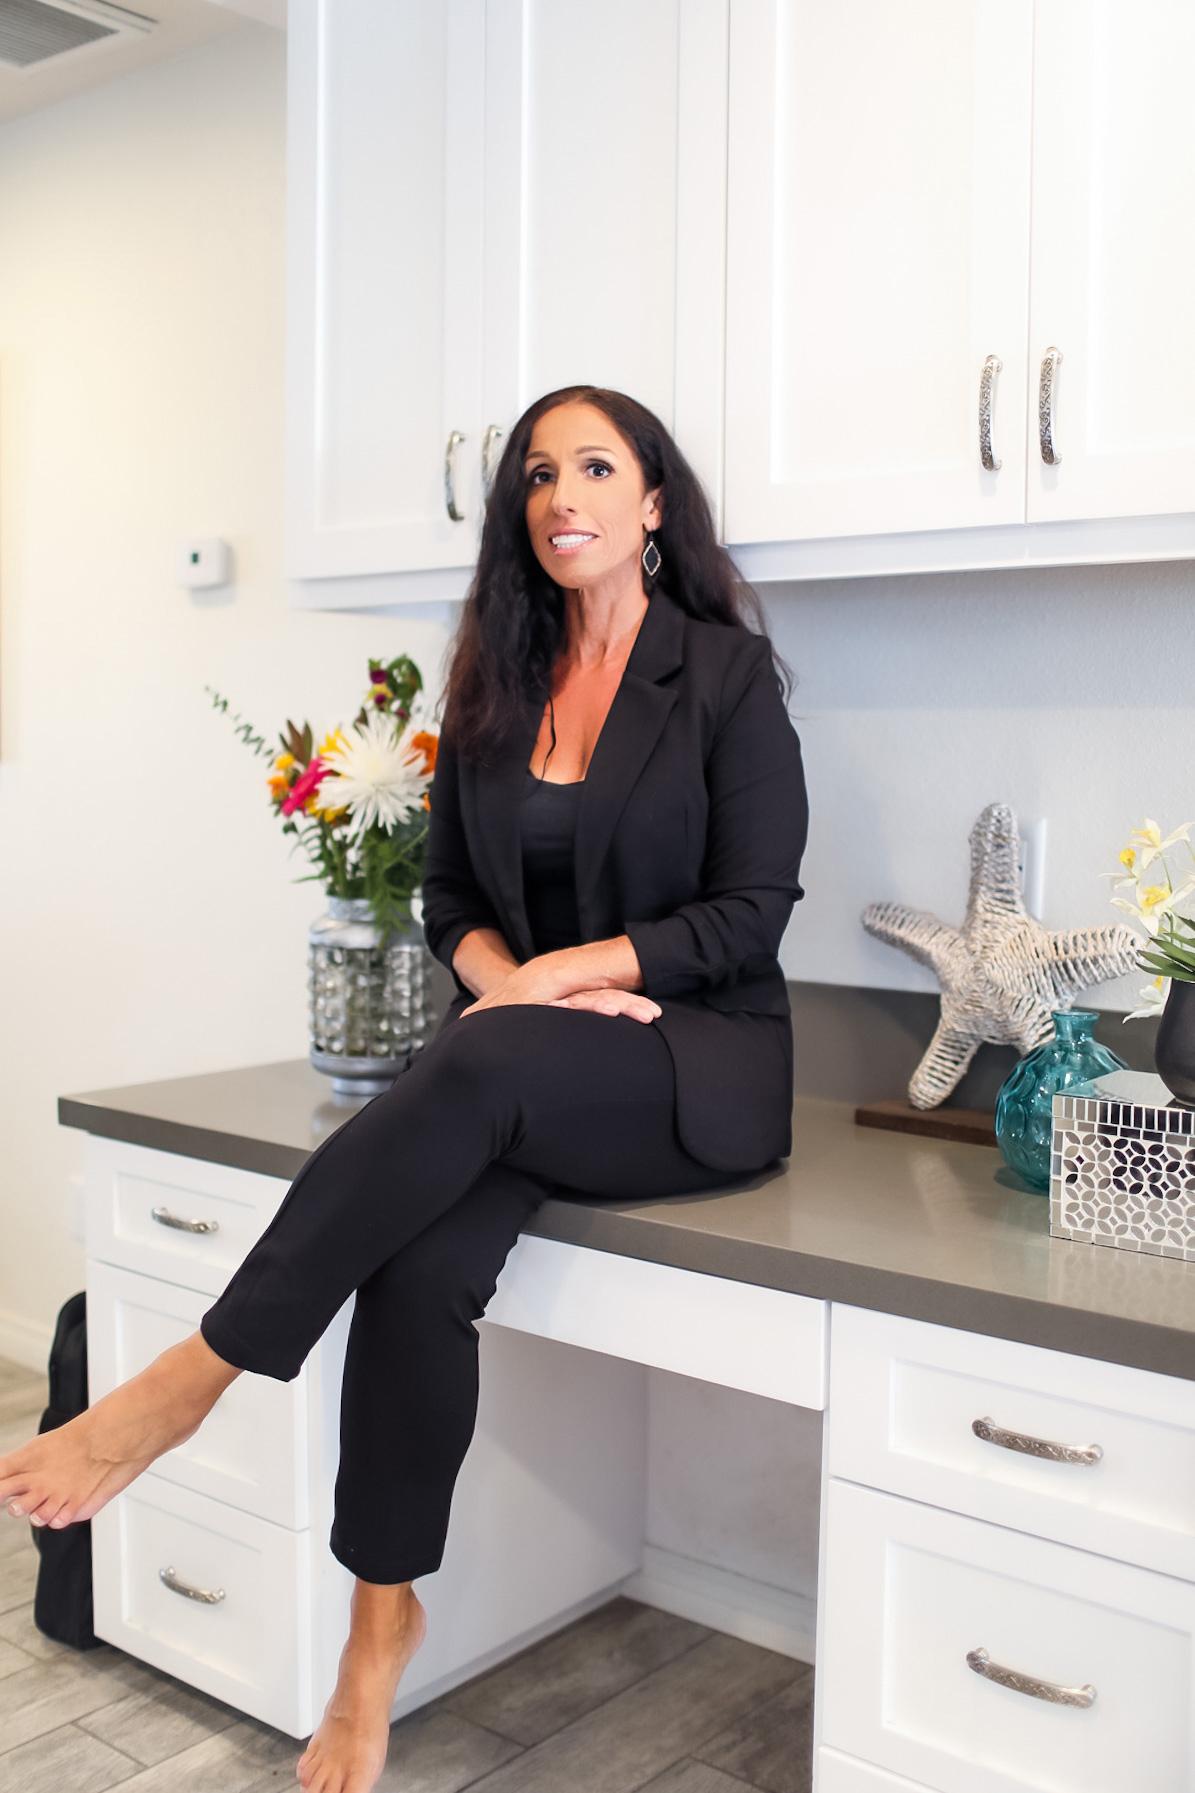 Dr. Michelle in a black suit